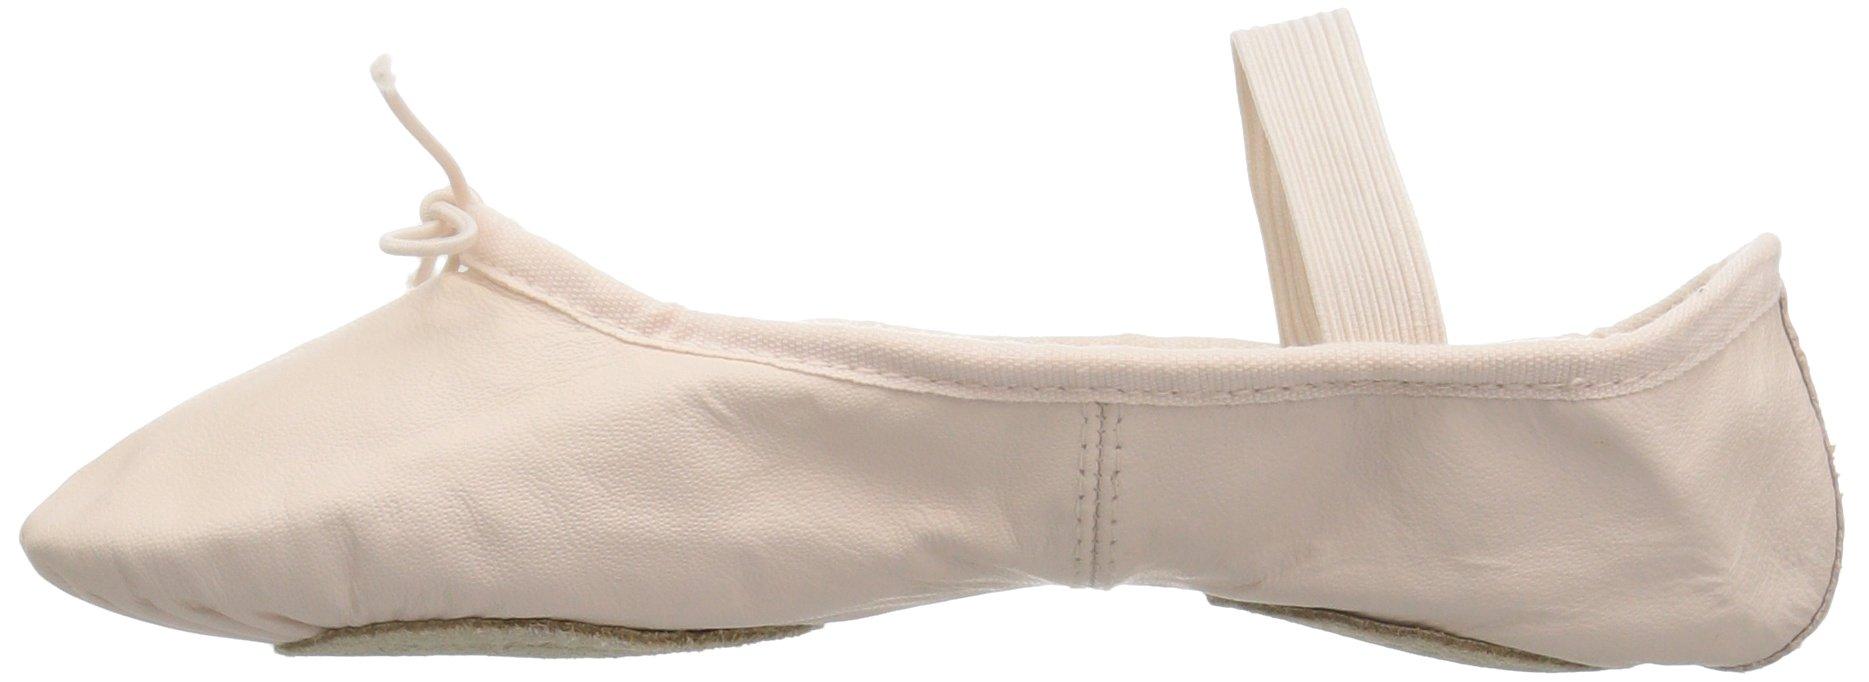 Bloch Dance Women's Dansoft Split Sole Dance Shoe, Theatrical Pink, 2.5 C US by Bloch (Image #5)